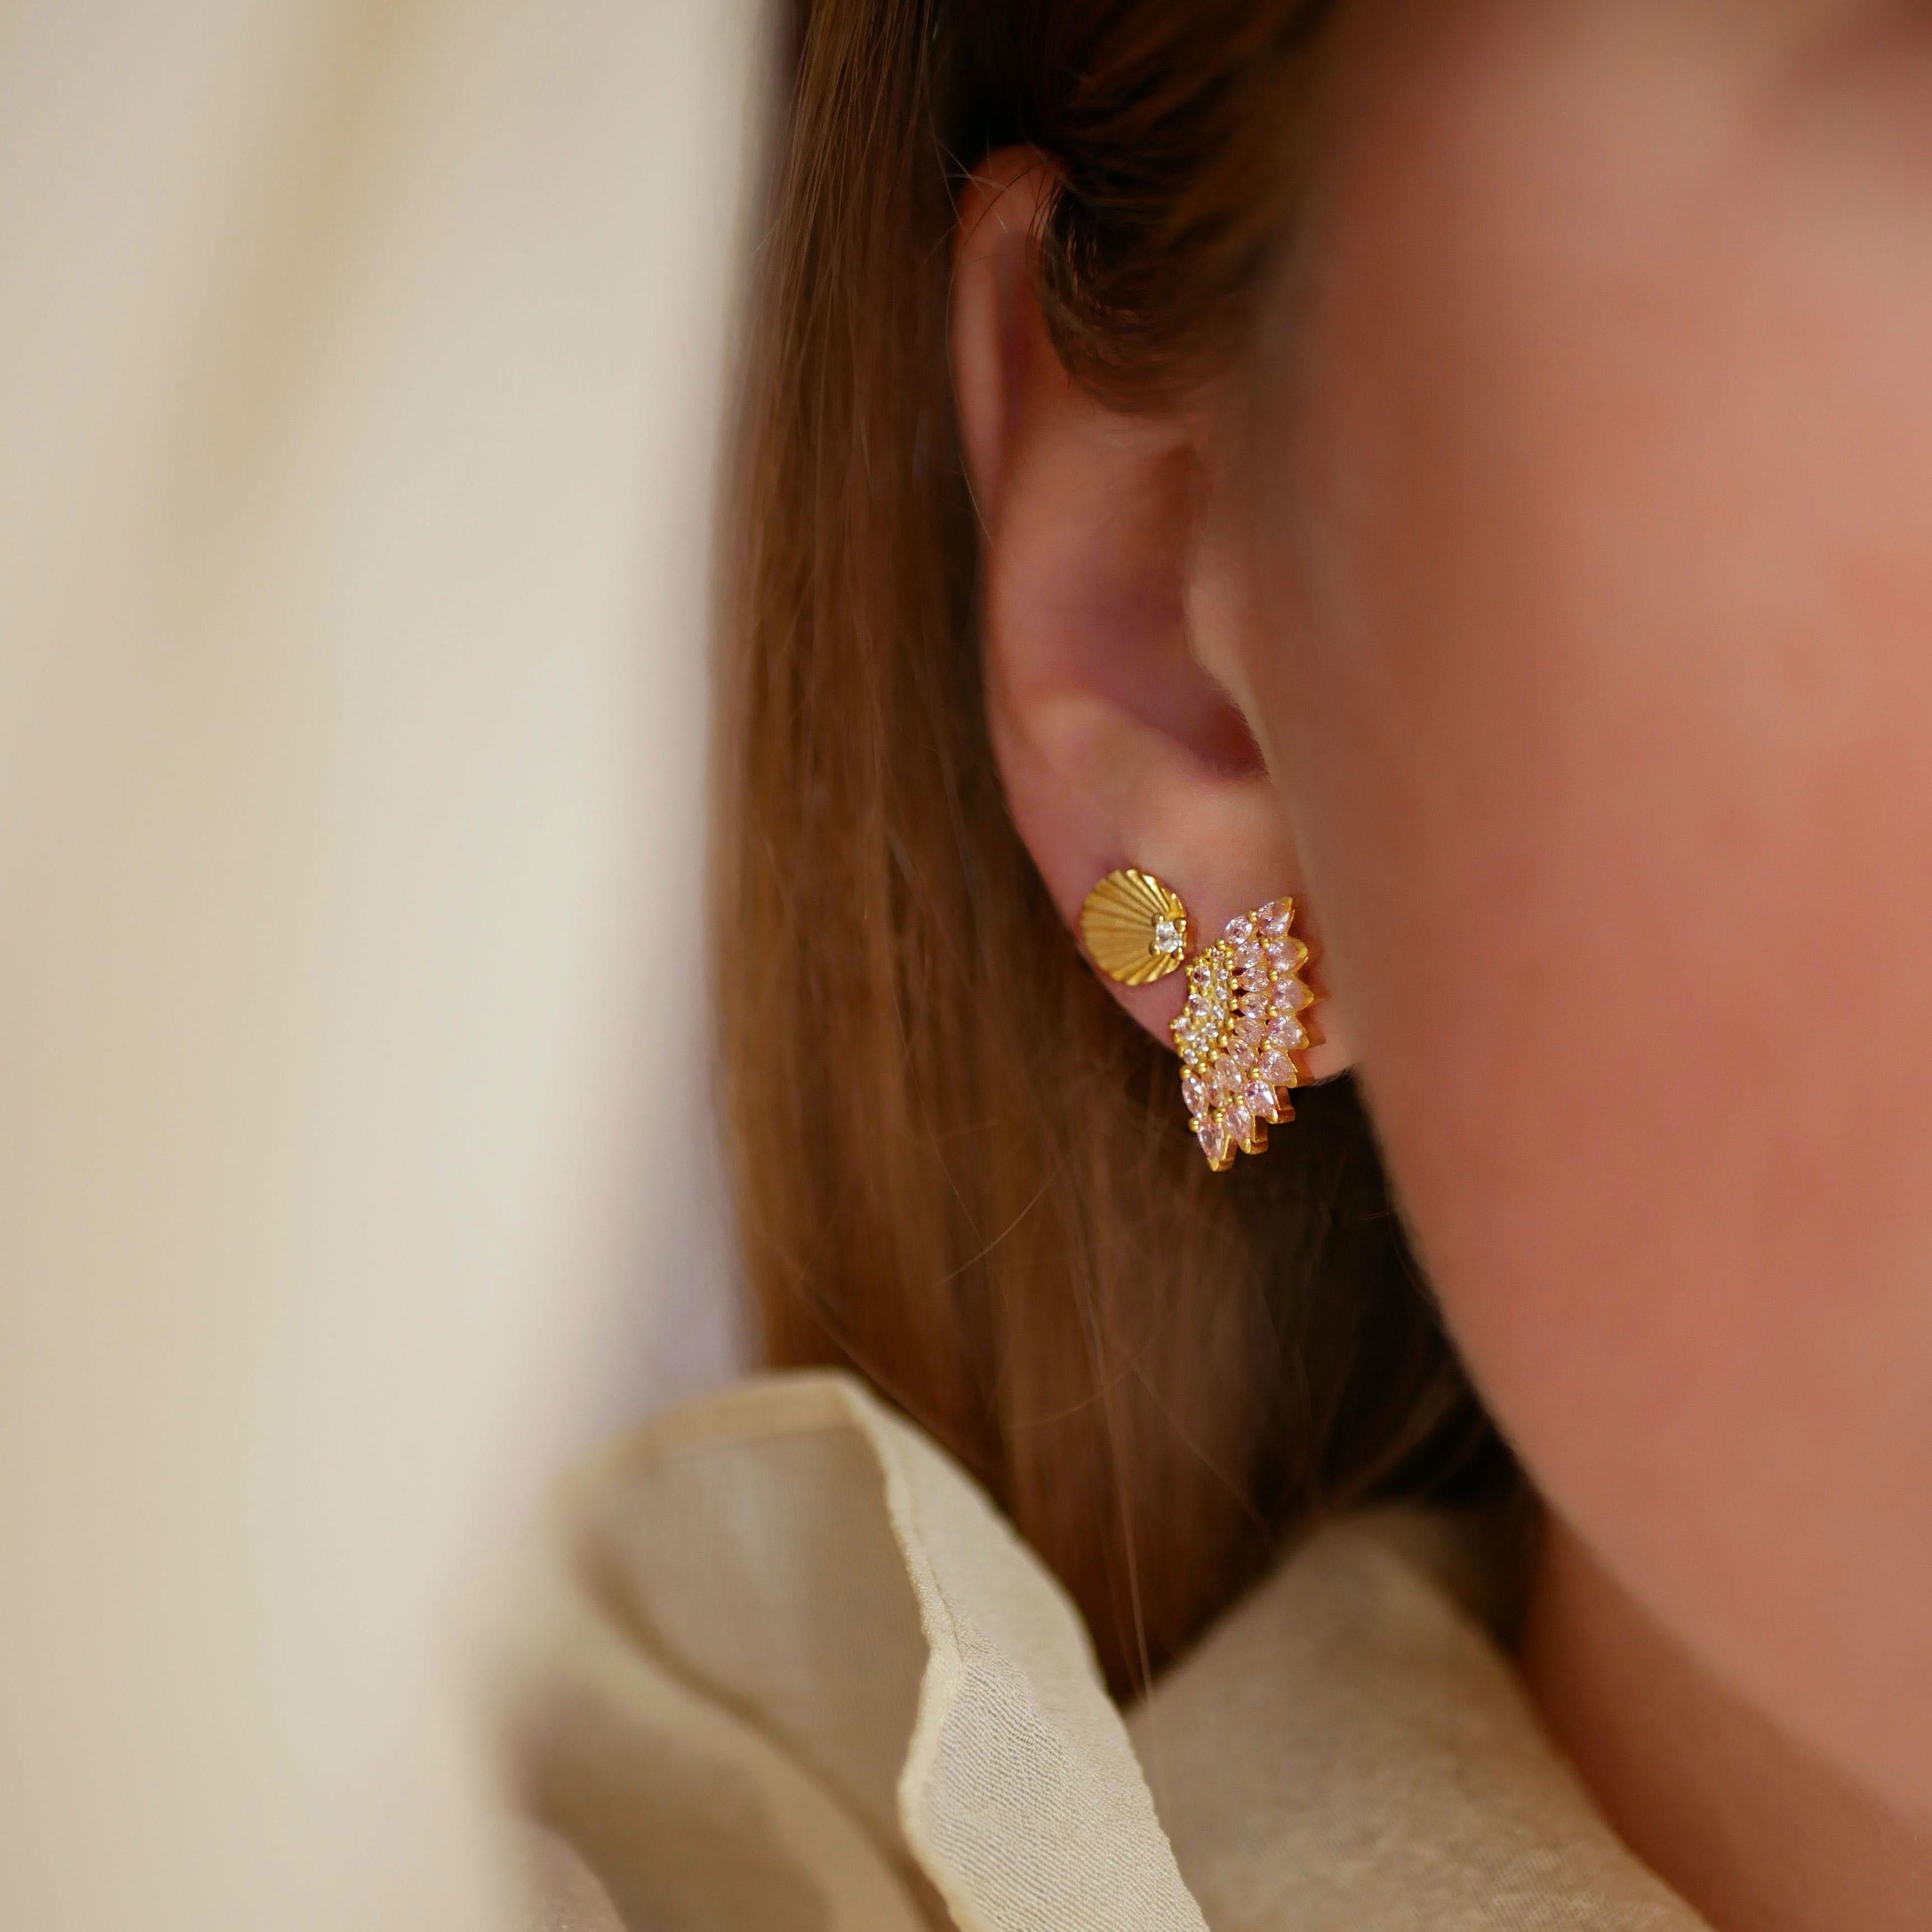 Tilly Earrings Light Pink von Enamel Copenhagen in Vergoldet-Silber Sterling 925